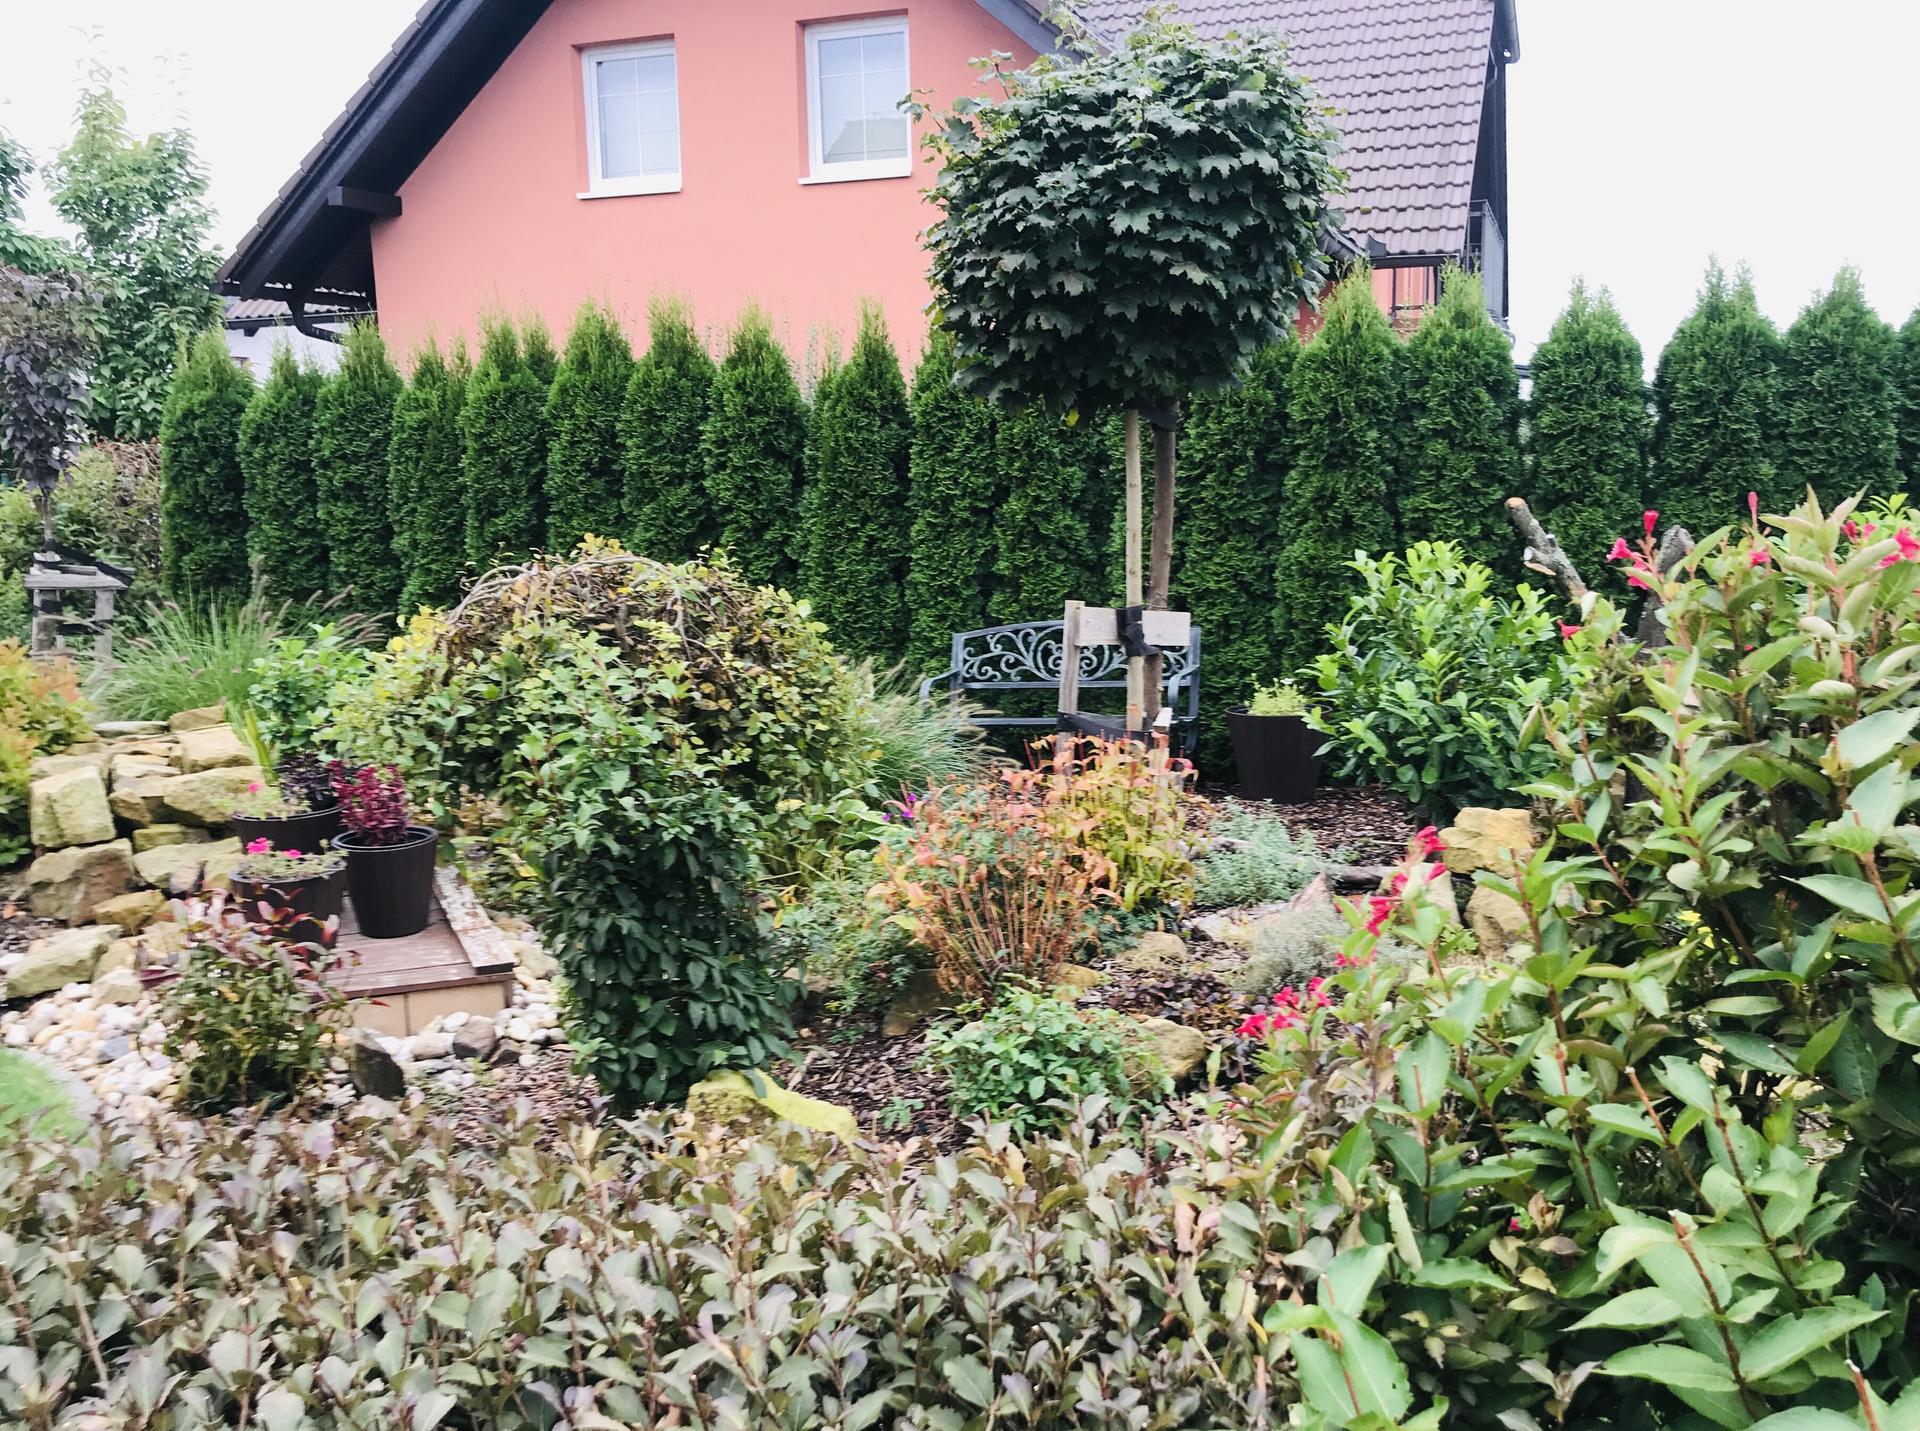 Naše barevná zahrada 🌸 - Kolem jezírka jsou krásné podzimní barvičky